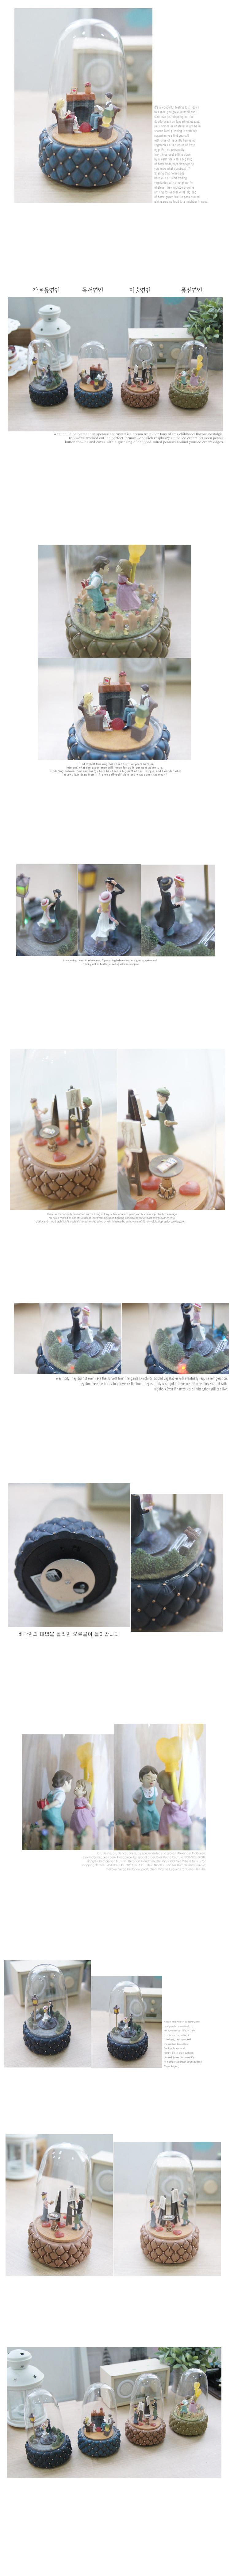 사랑스러운 커플 유리돔 오르골 생일선물 인테리어 소품 - 리빙톡톡, 42,000원, 장식소품, 오르골